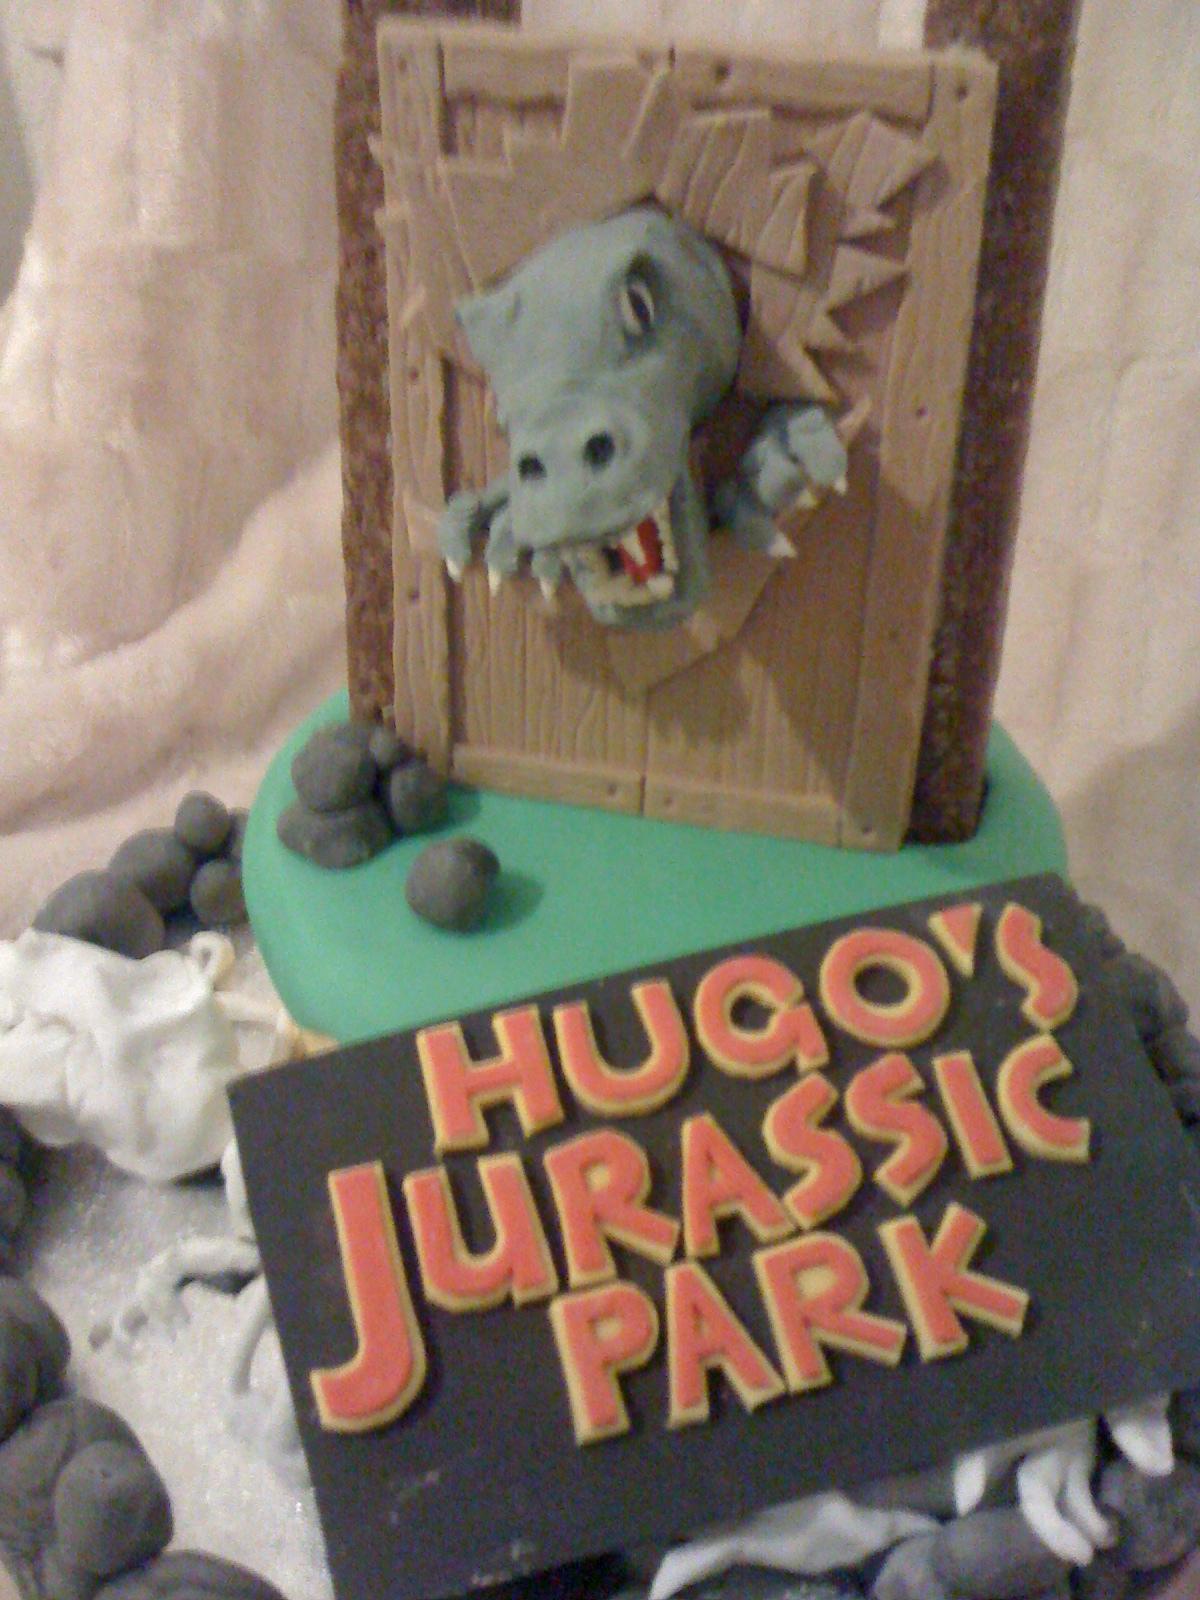 Hugo Cake Artist : Custom Cake Art: 3D Interactive Jurassic Park Cake